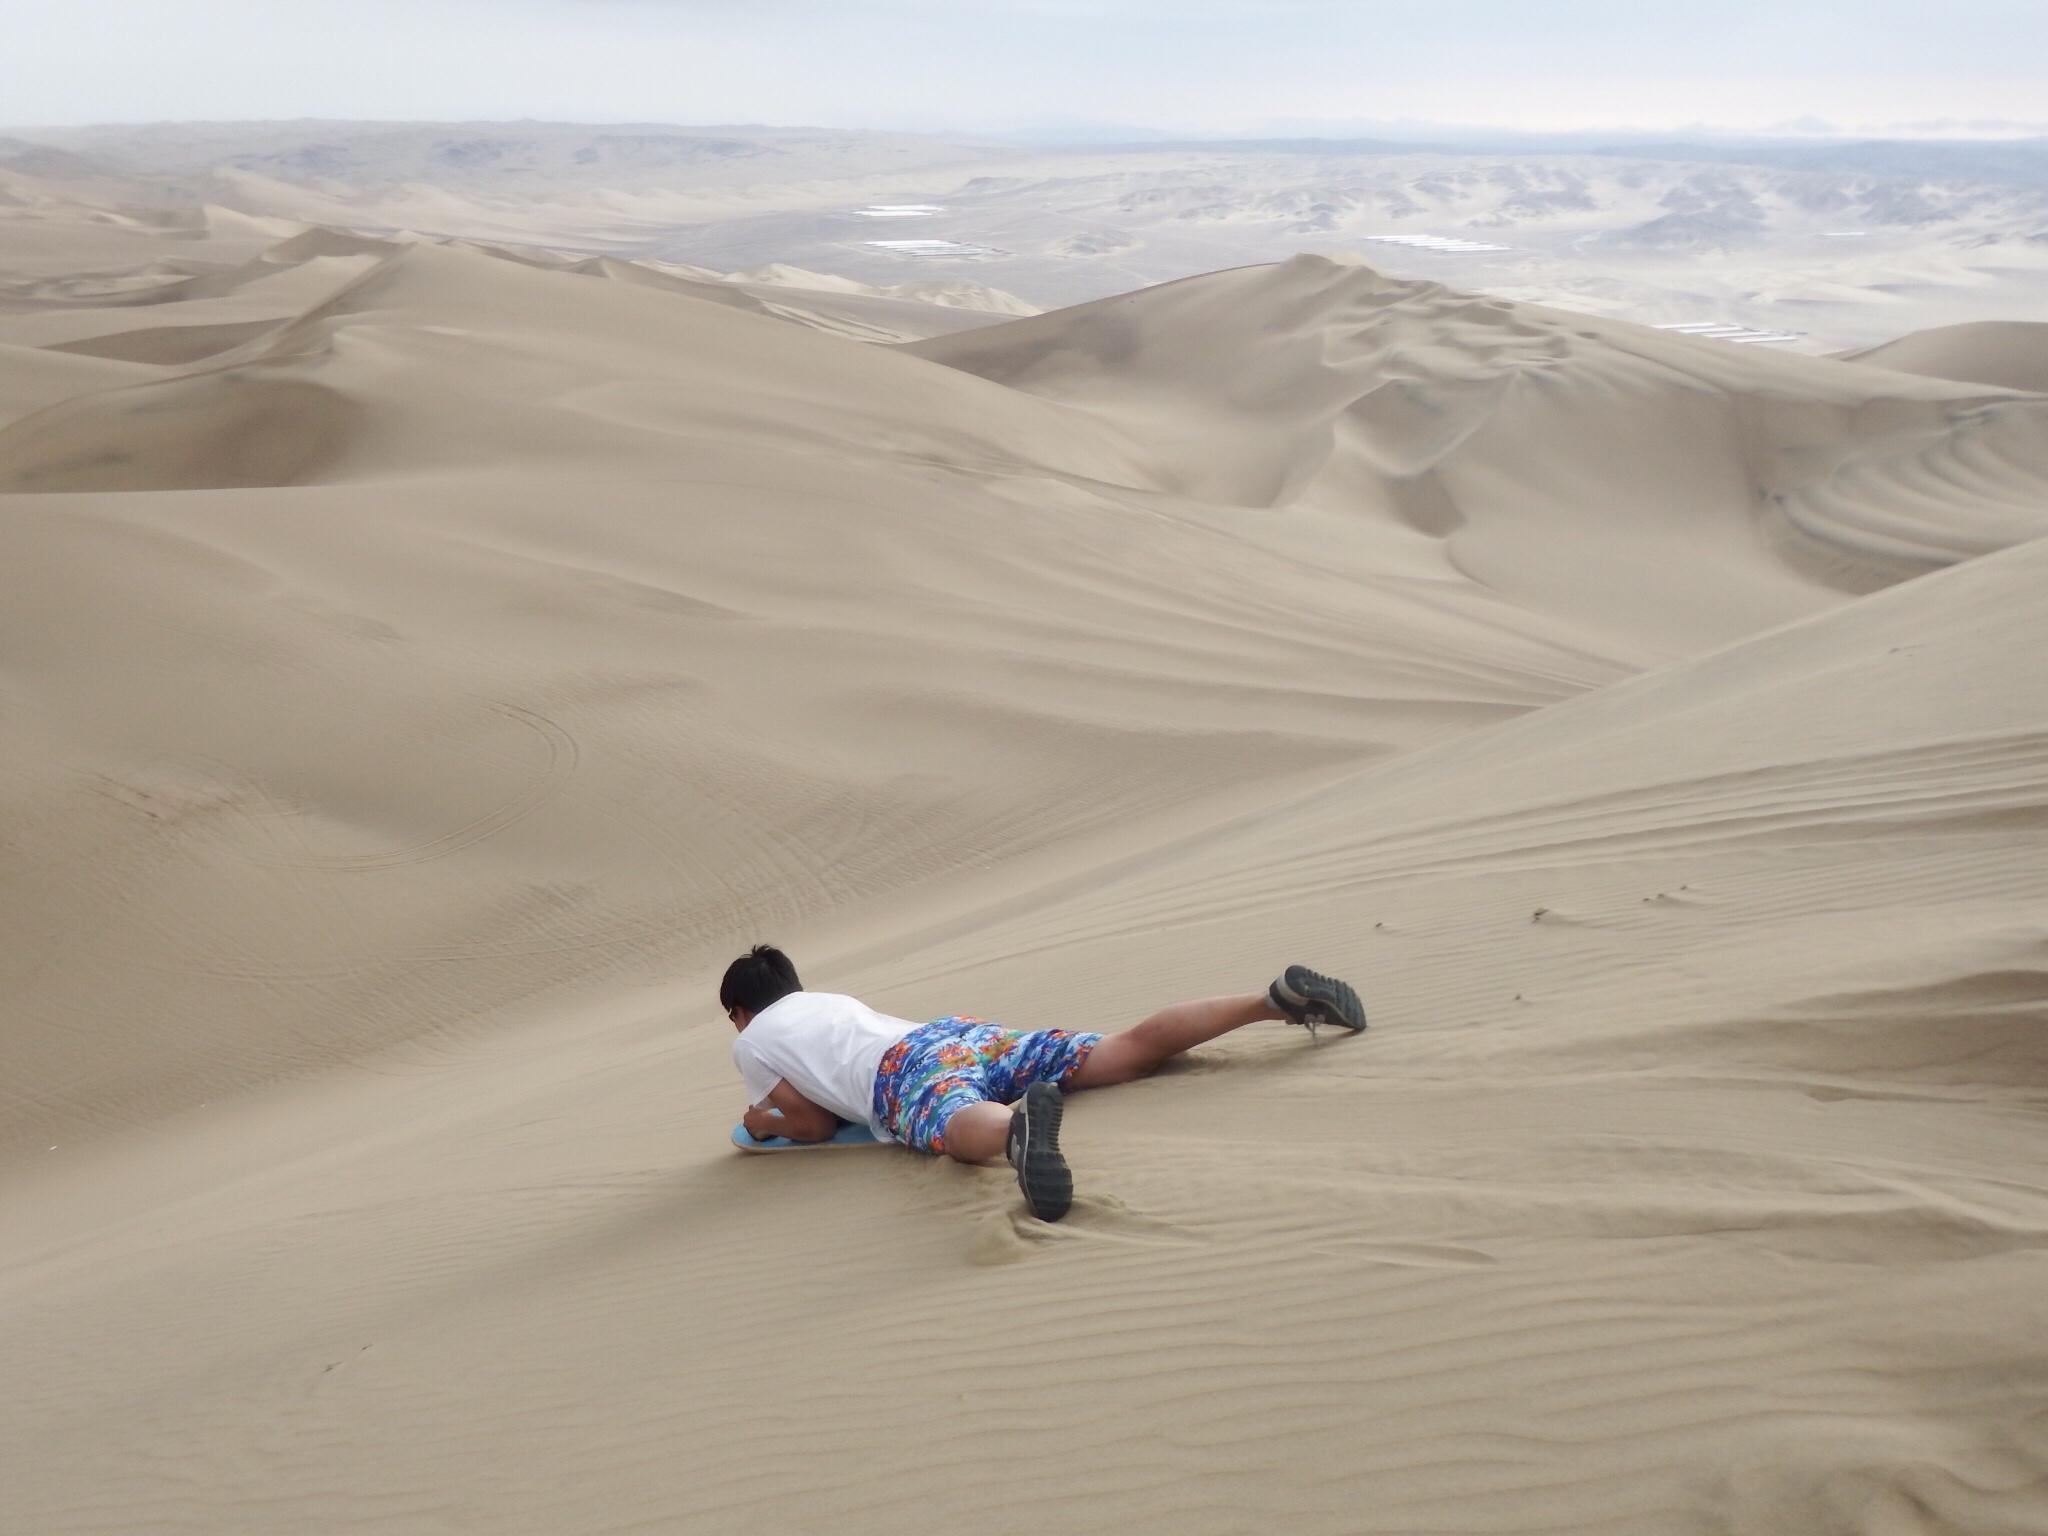 ペルー、ワカチナで砂漠を疾走!!